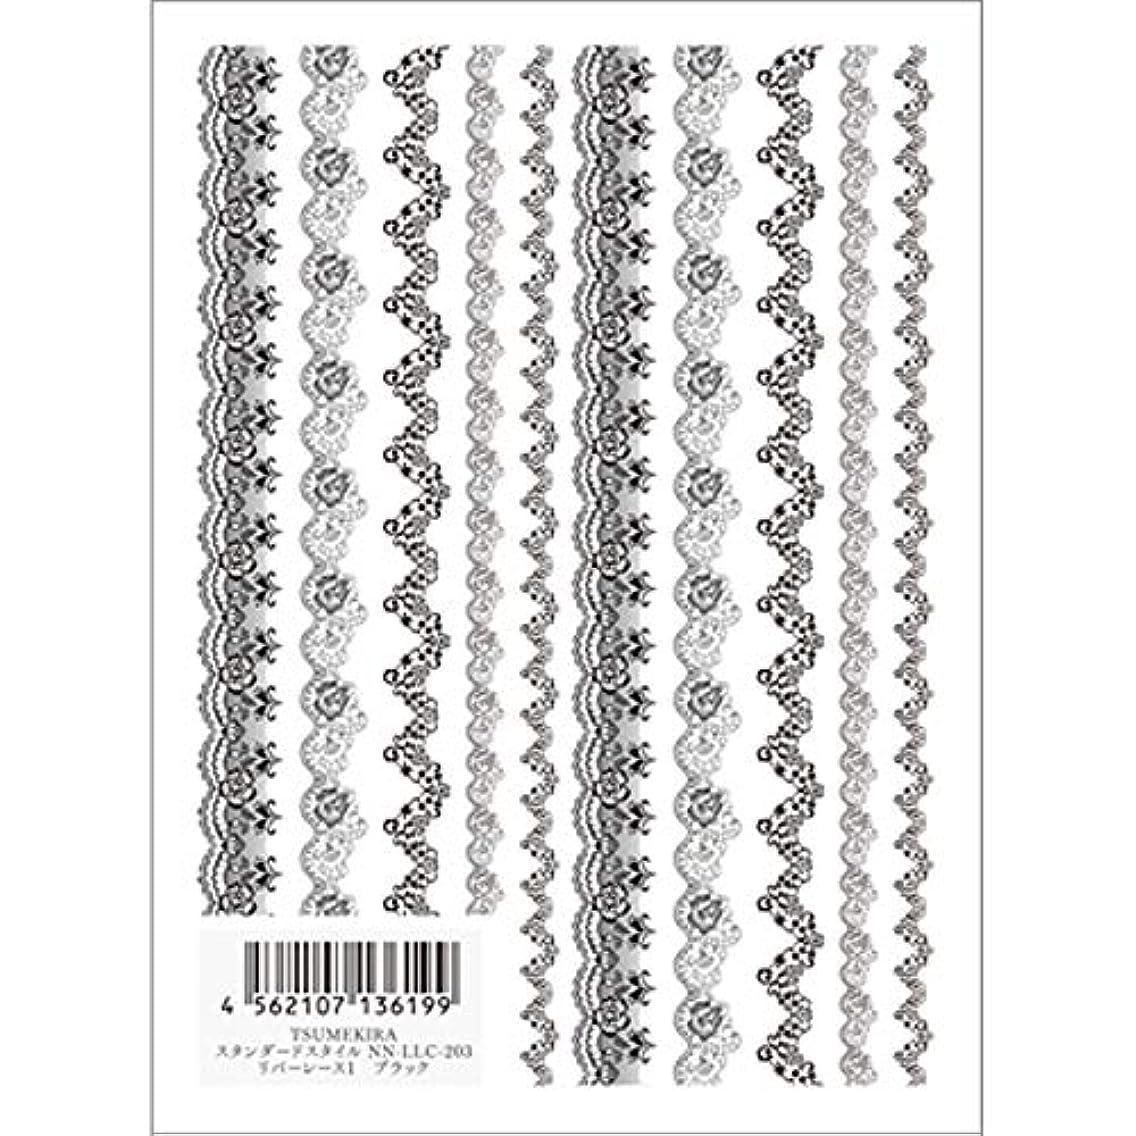 メキシコ債務繁栄するツメキラ(TSUMEKIRA) ネイル用シール リバーレース1 ブラック NN-LLC-203